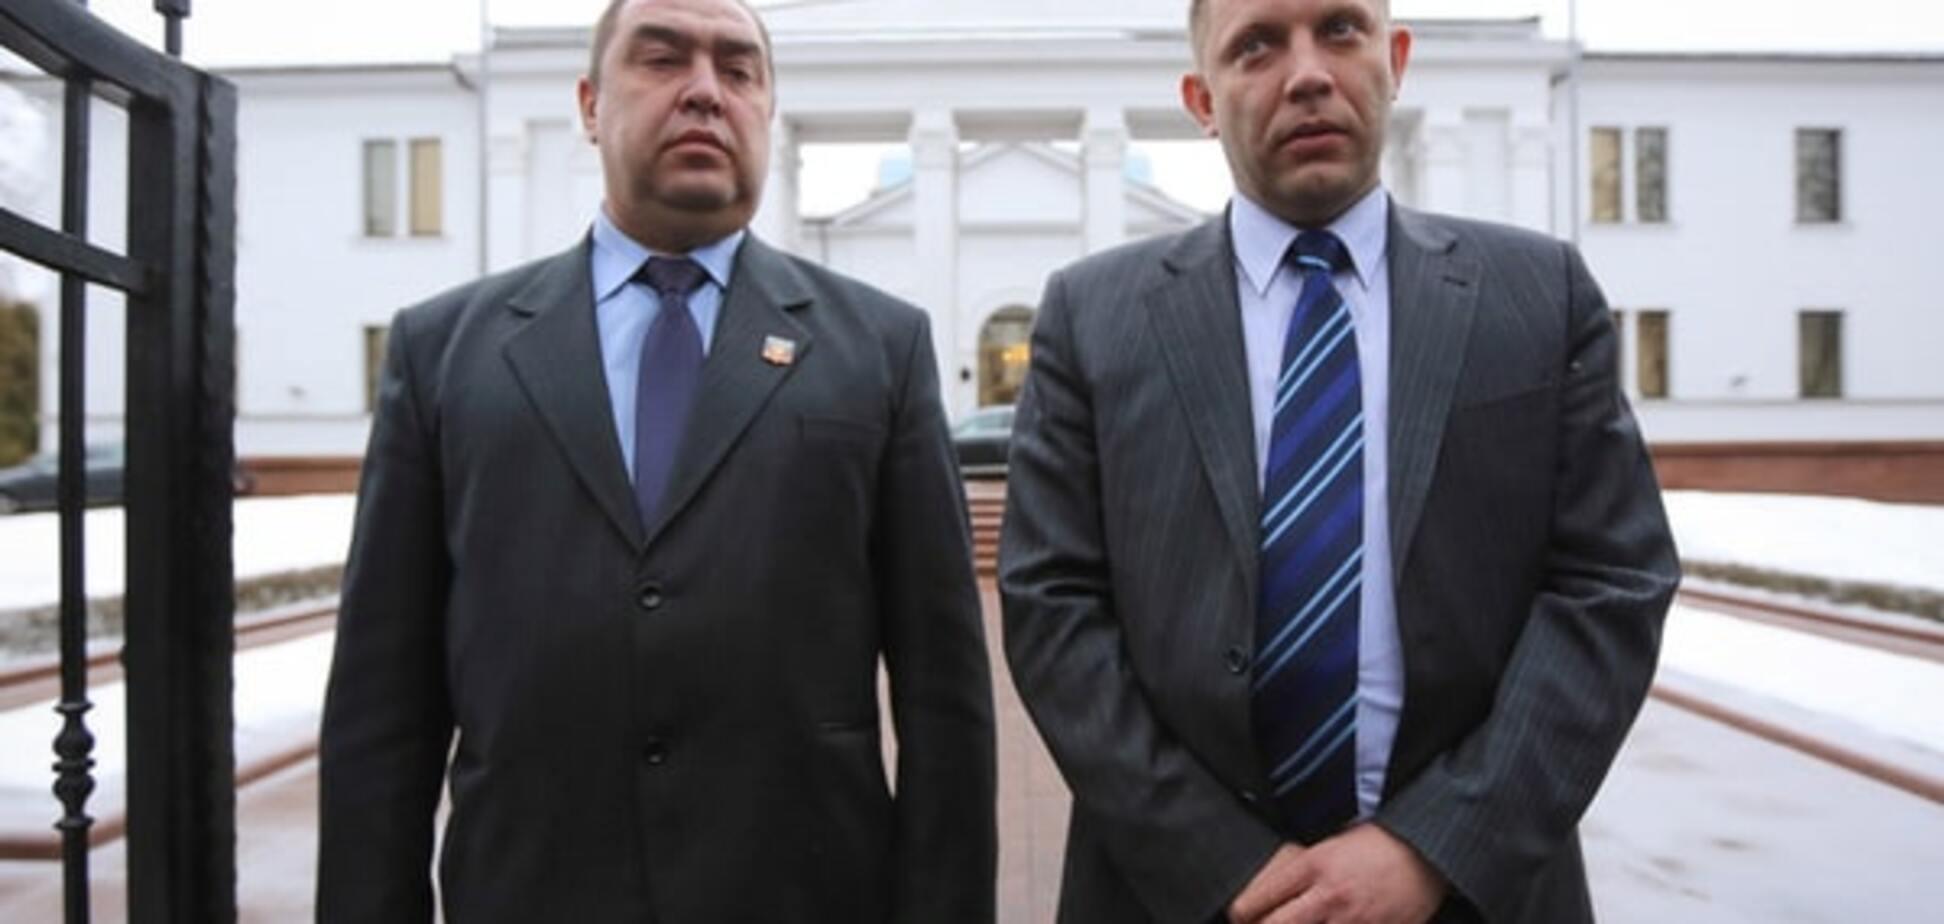 Кремль подыскивает замену Захарченко и Плотницкому - Тымчук